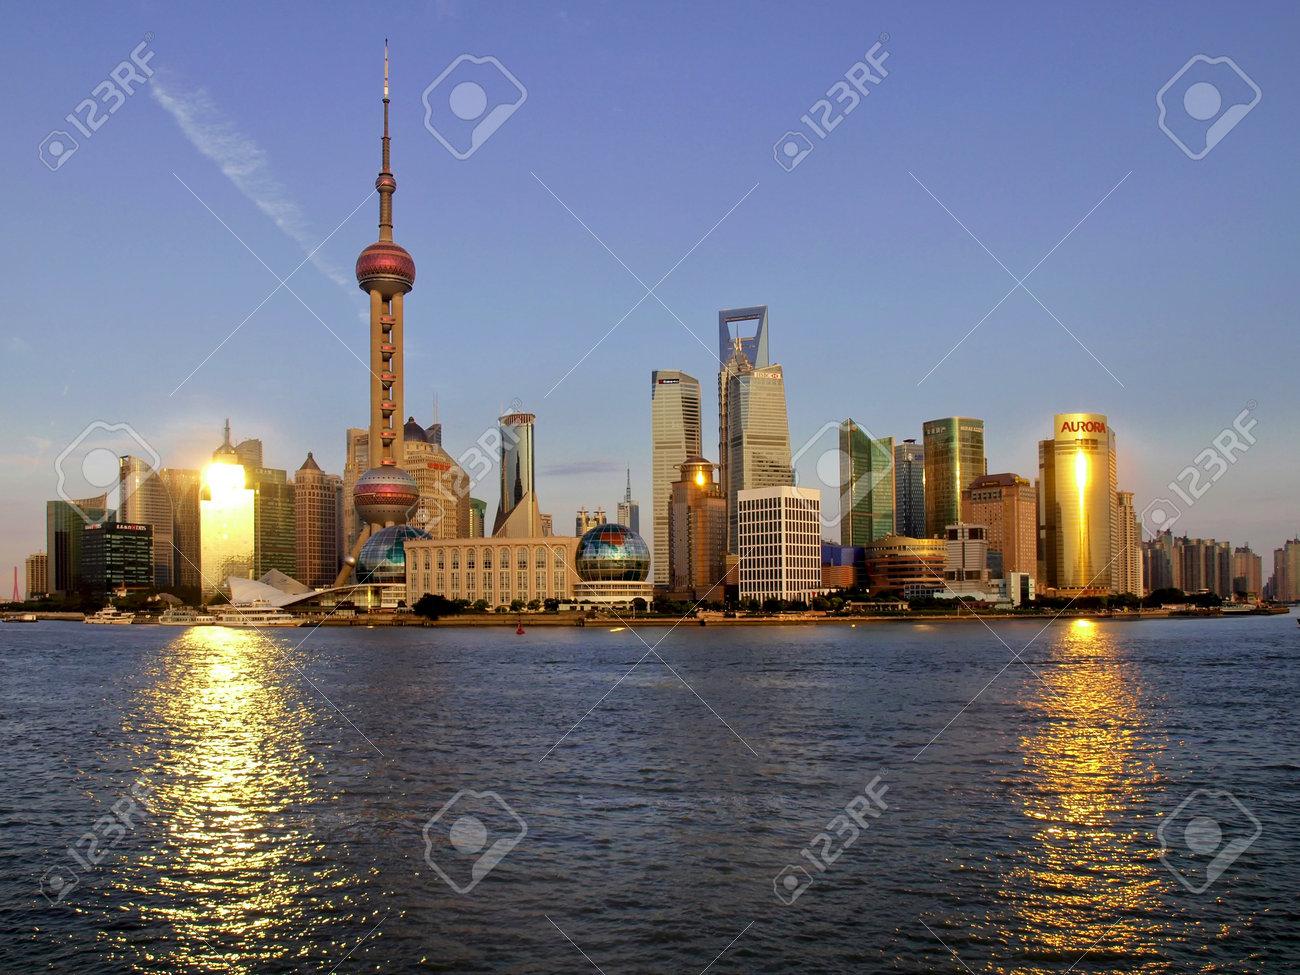 pudong, shanghai, china - 10736422